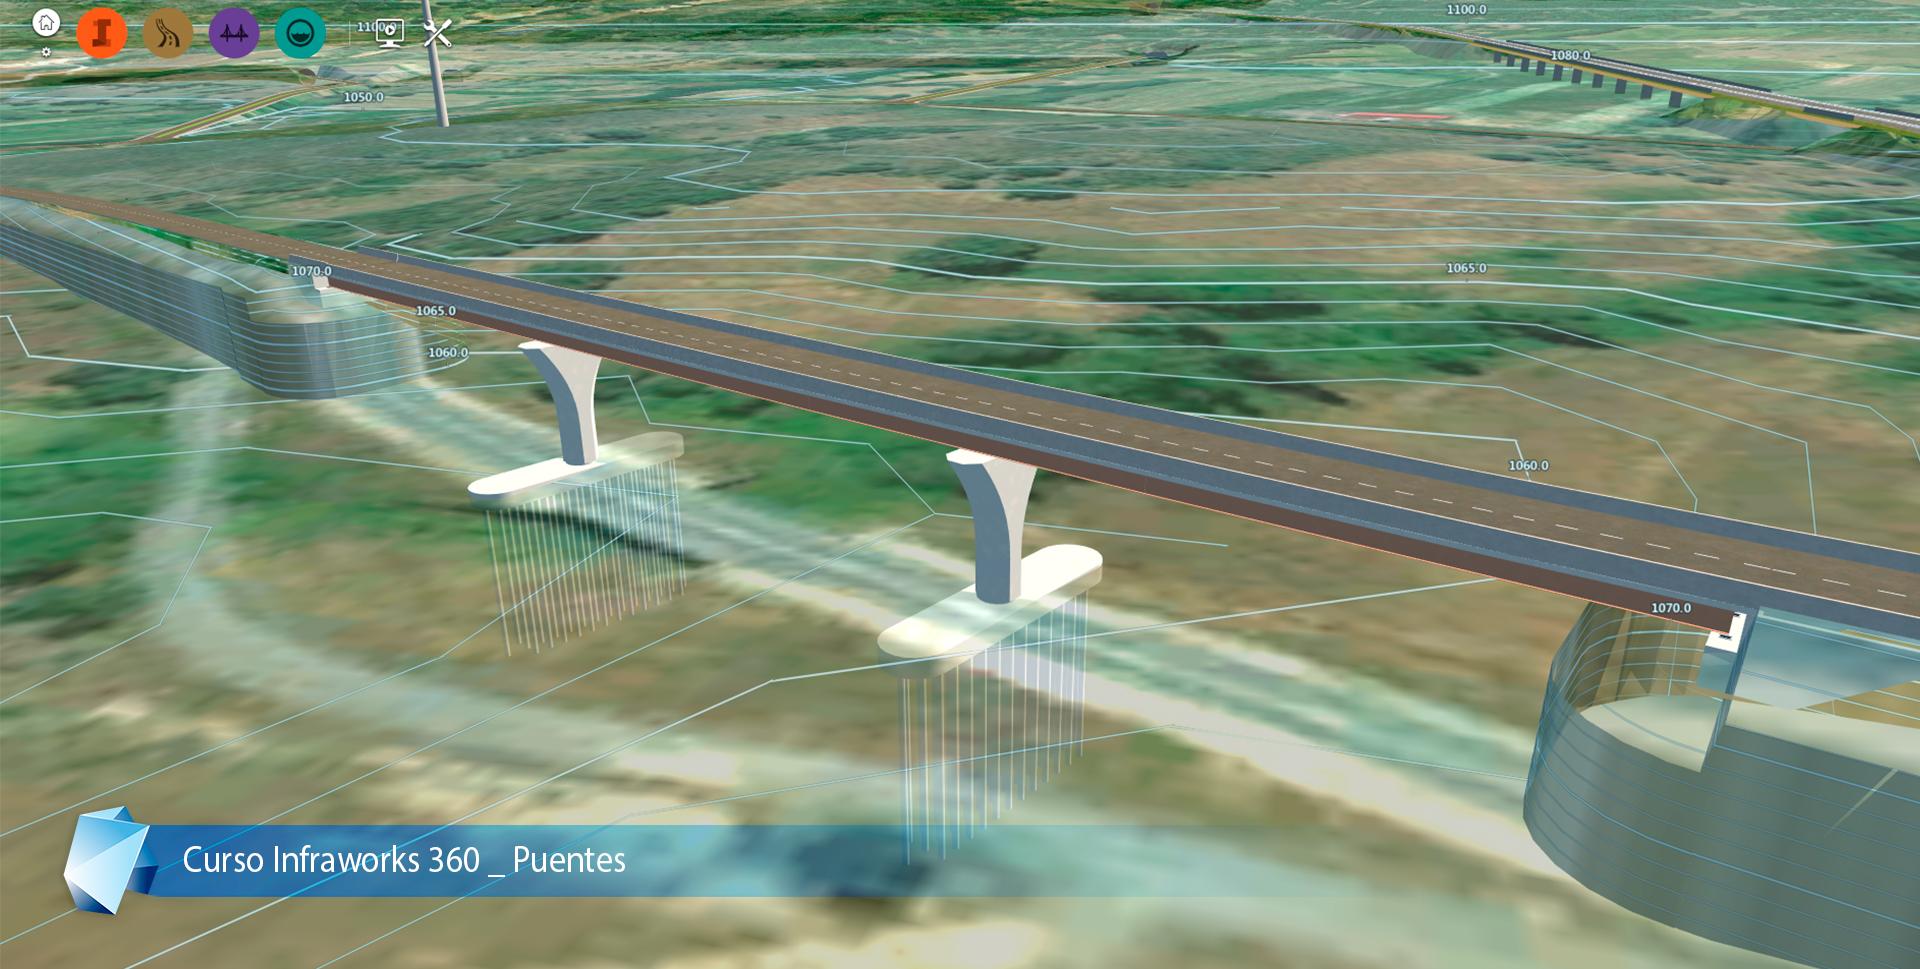 proyectos-infraworks-3-editeca